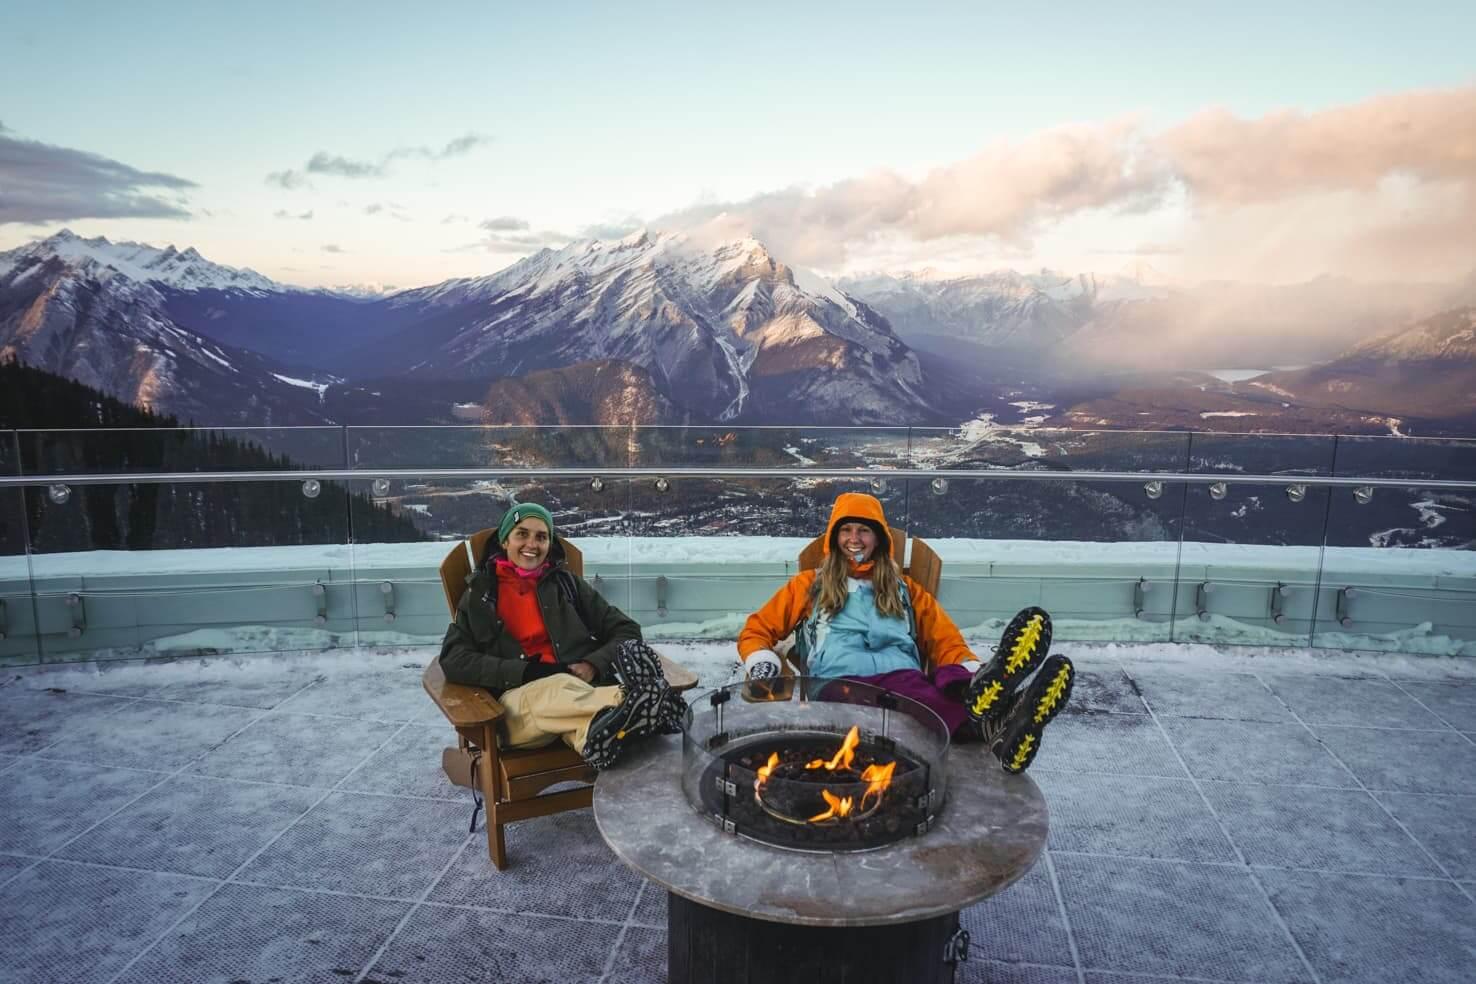 Sulphur Mountain Hike vs Banff Gondola, Banff National Park